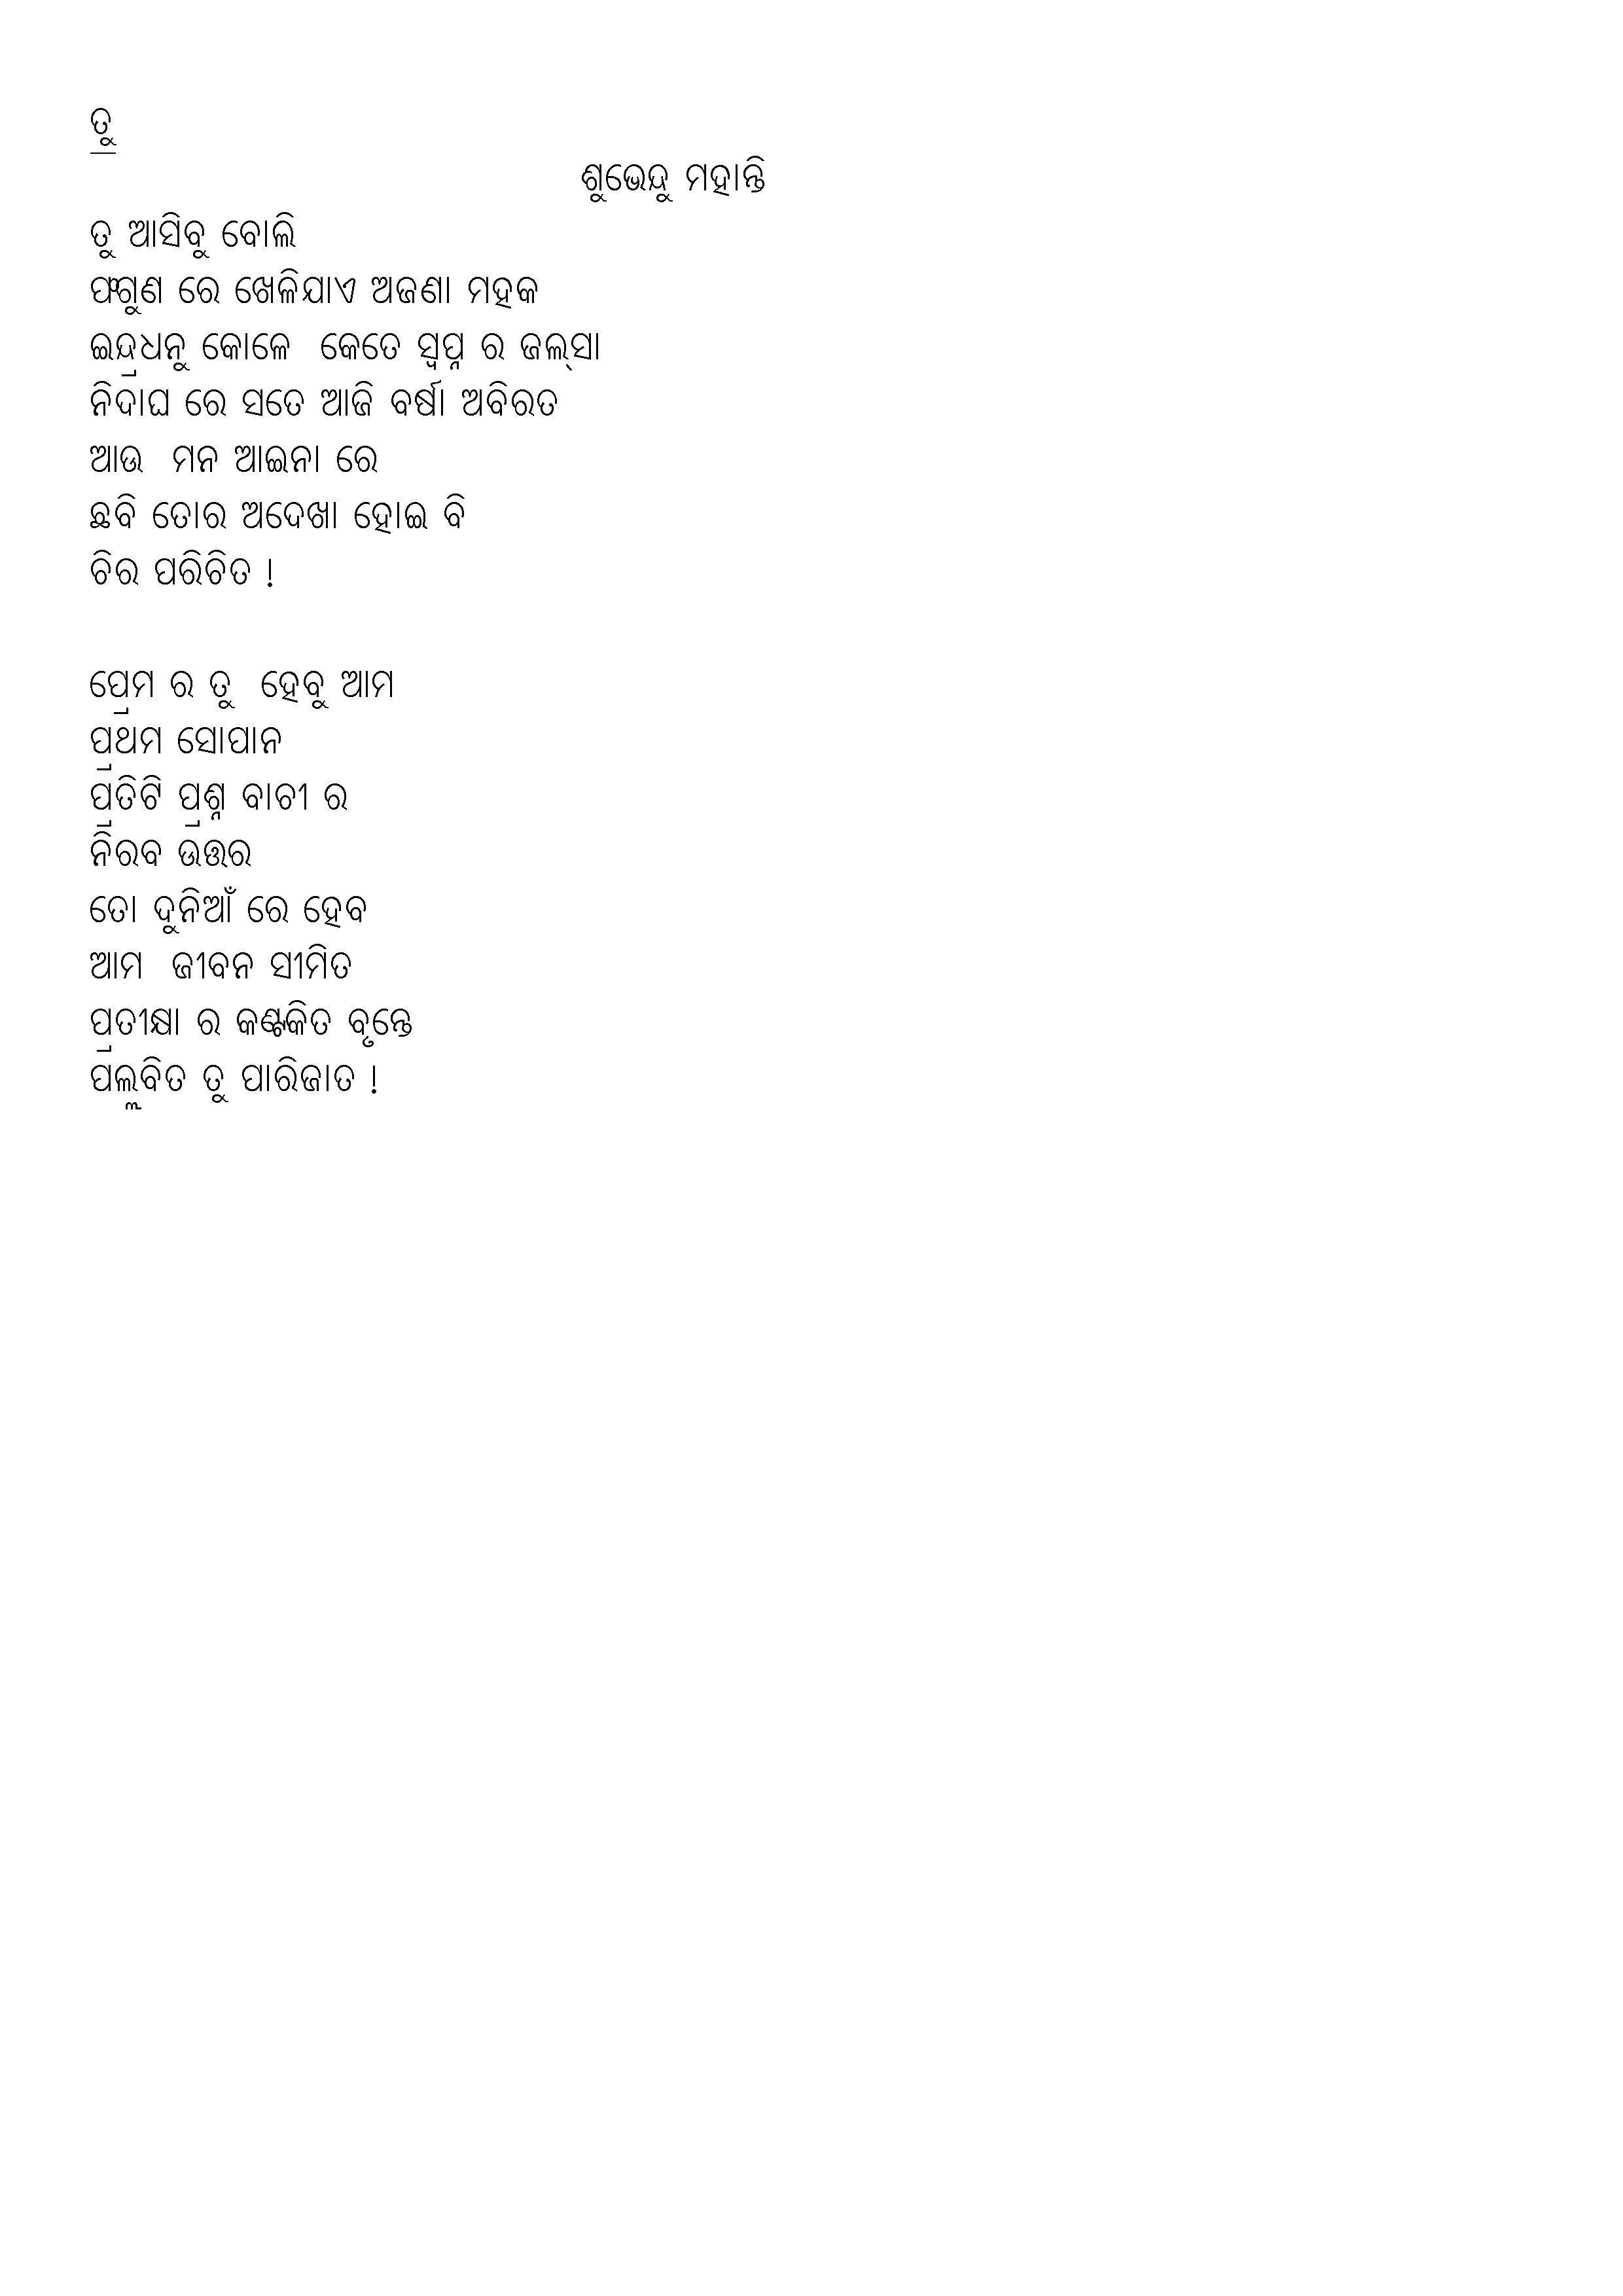 tu_page001